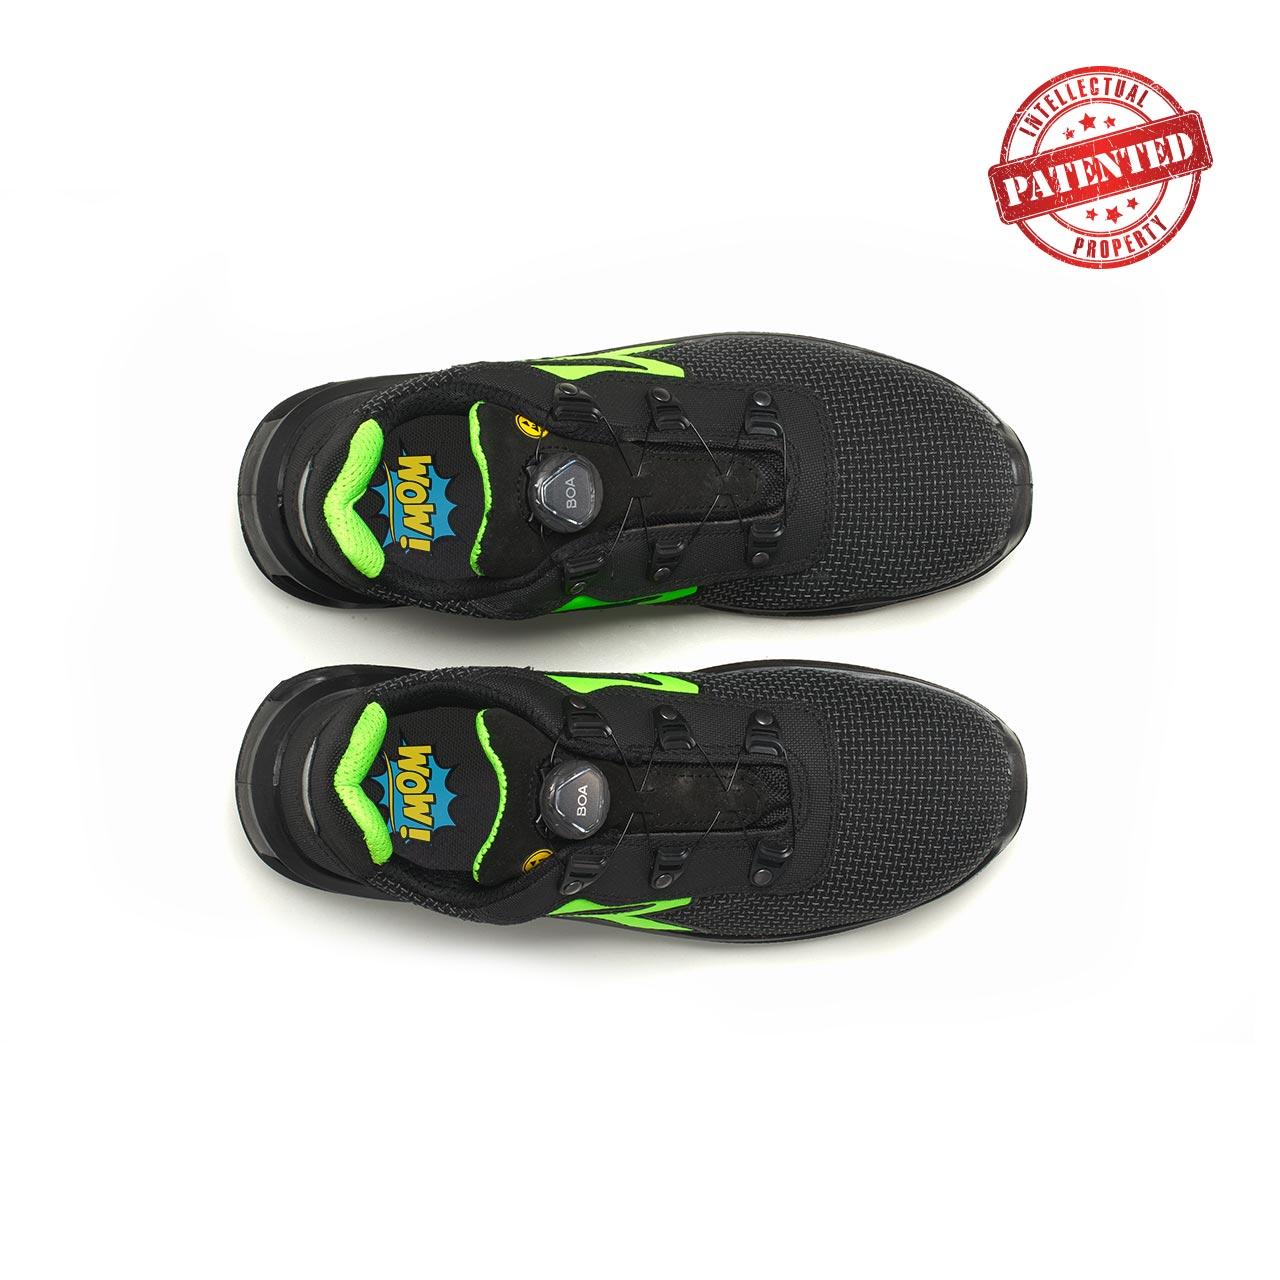 paio di scarpe antinfortunistiche upower modello monster linea redlion vista top